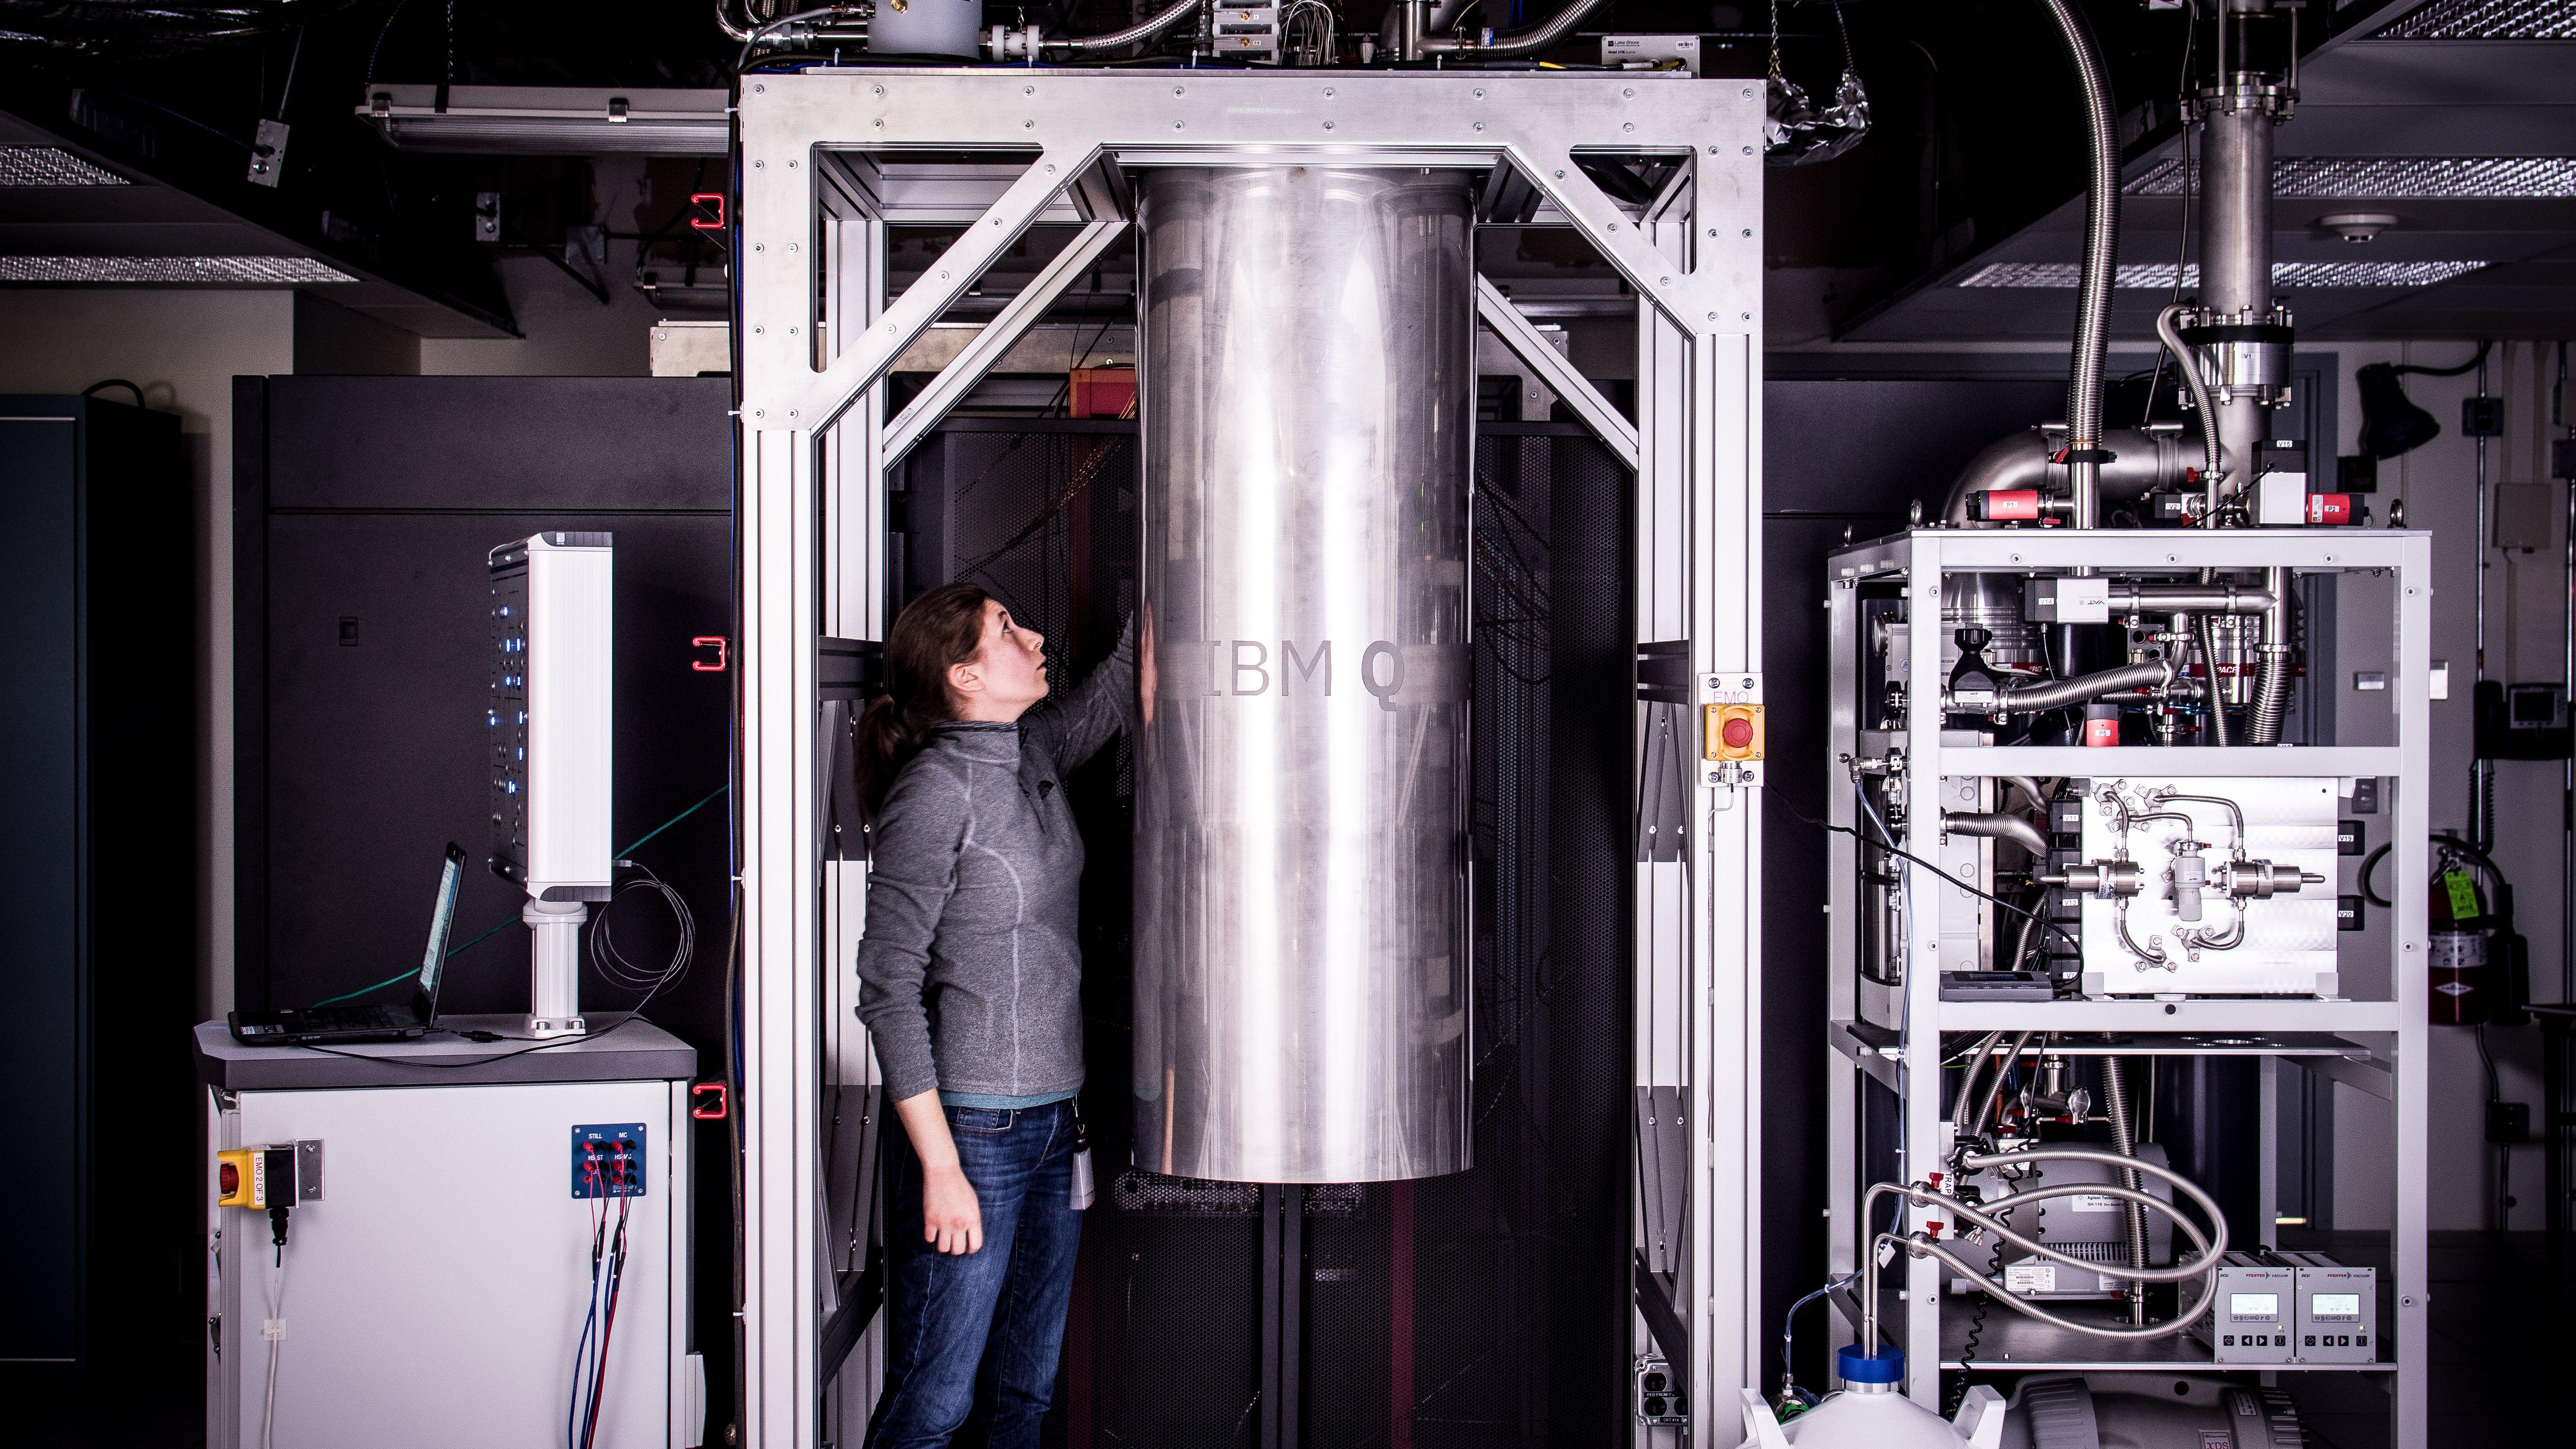 49量子ビットの壁突破へ、 IBMがモデル化に成功